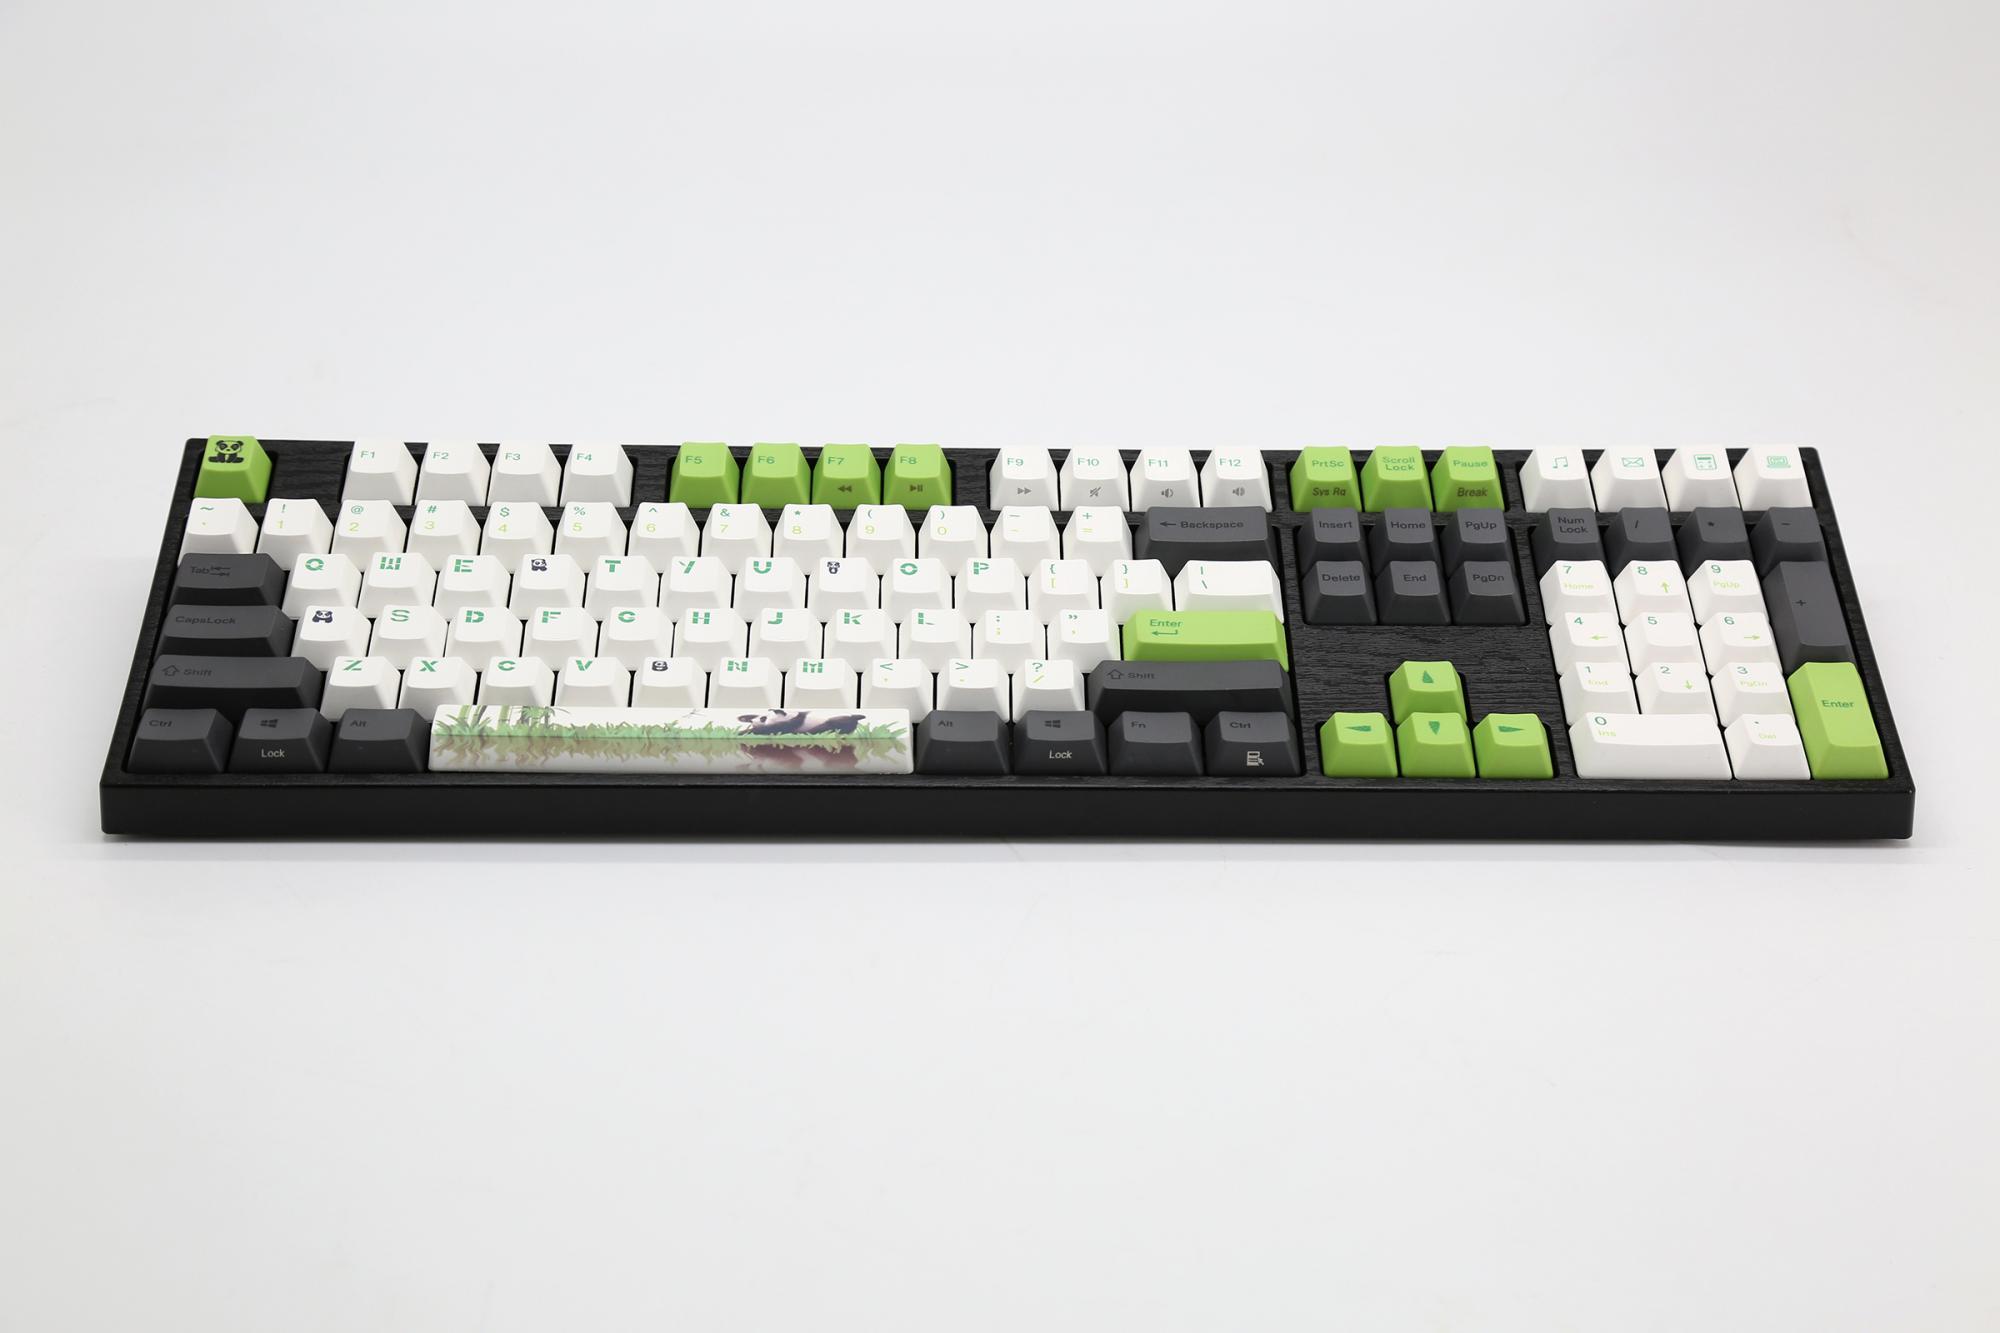 Bàn phím cơ Varmilo VA108M Panda Cherry Switch - Hàng Chính Hãng